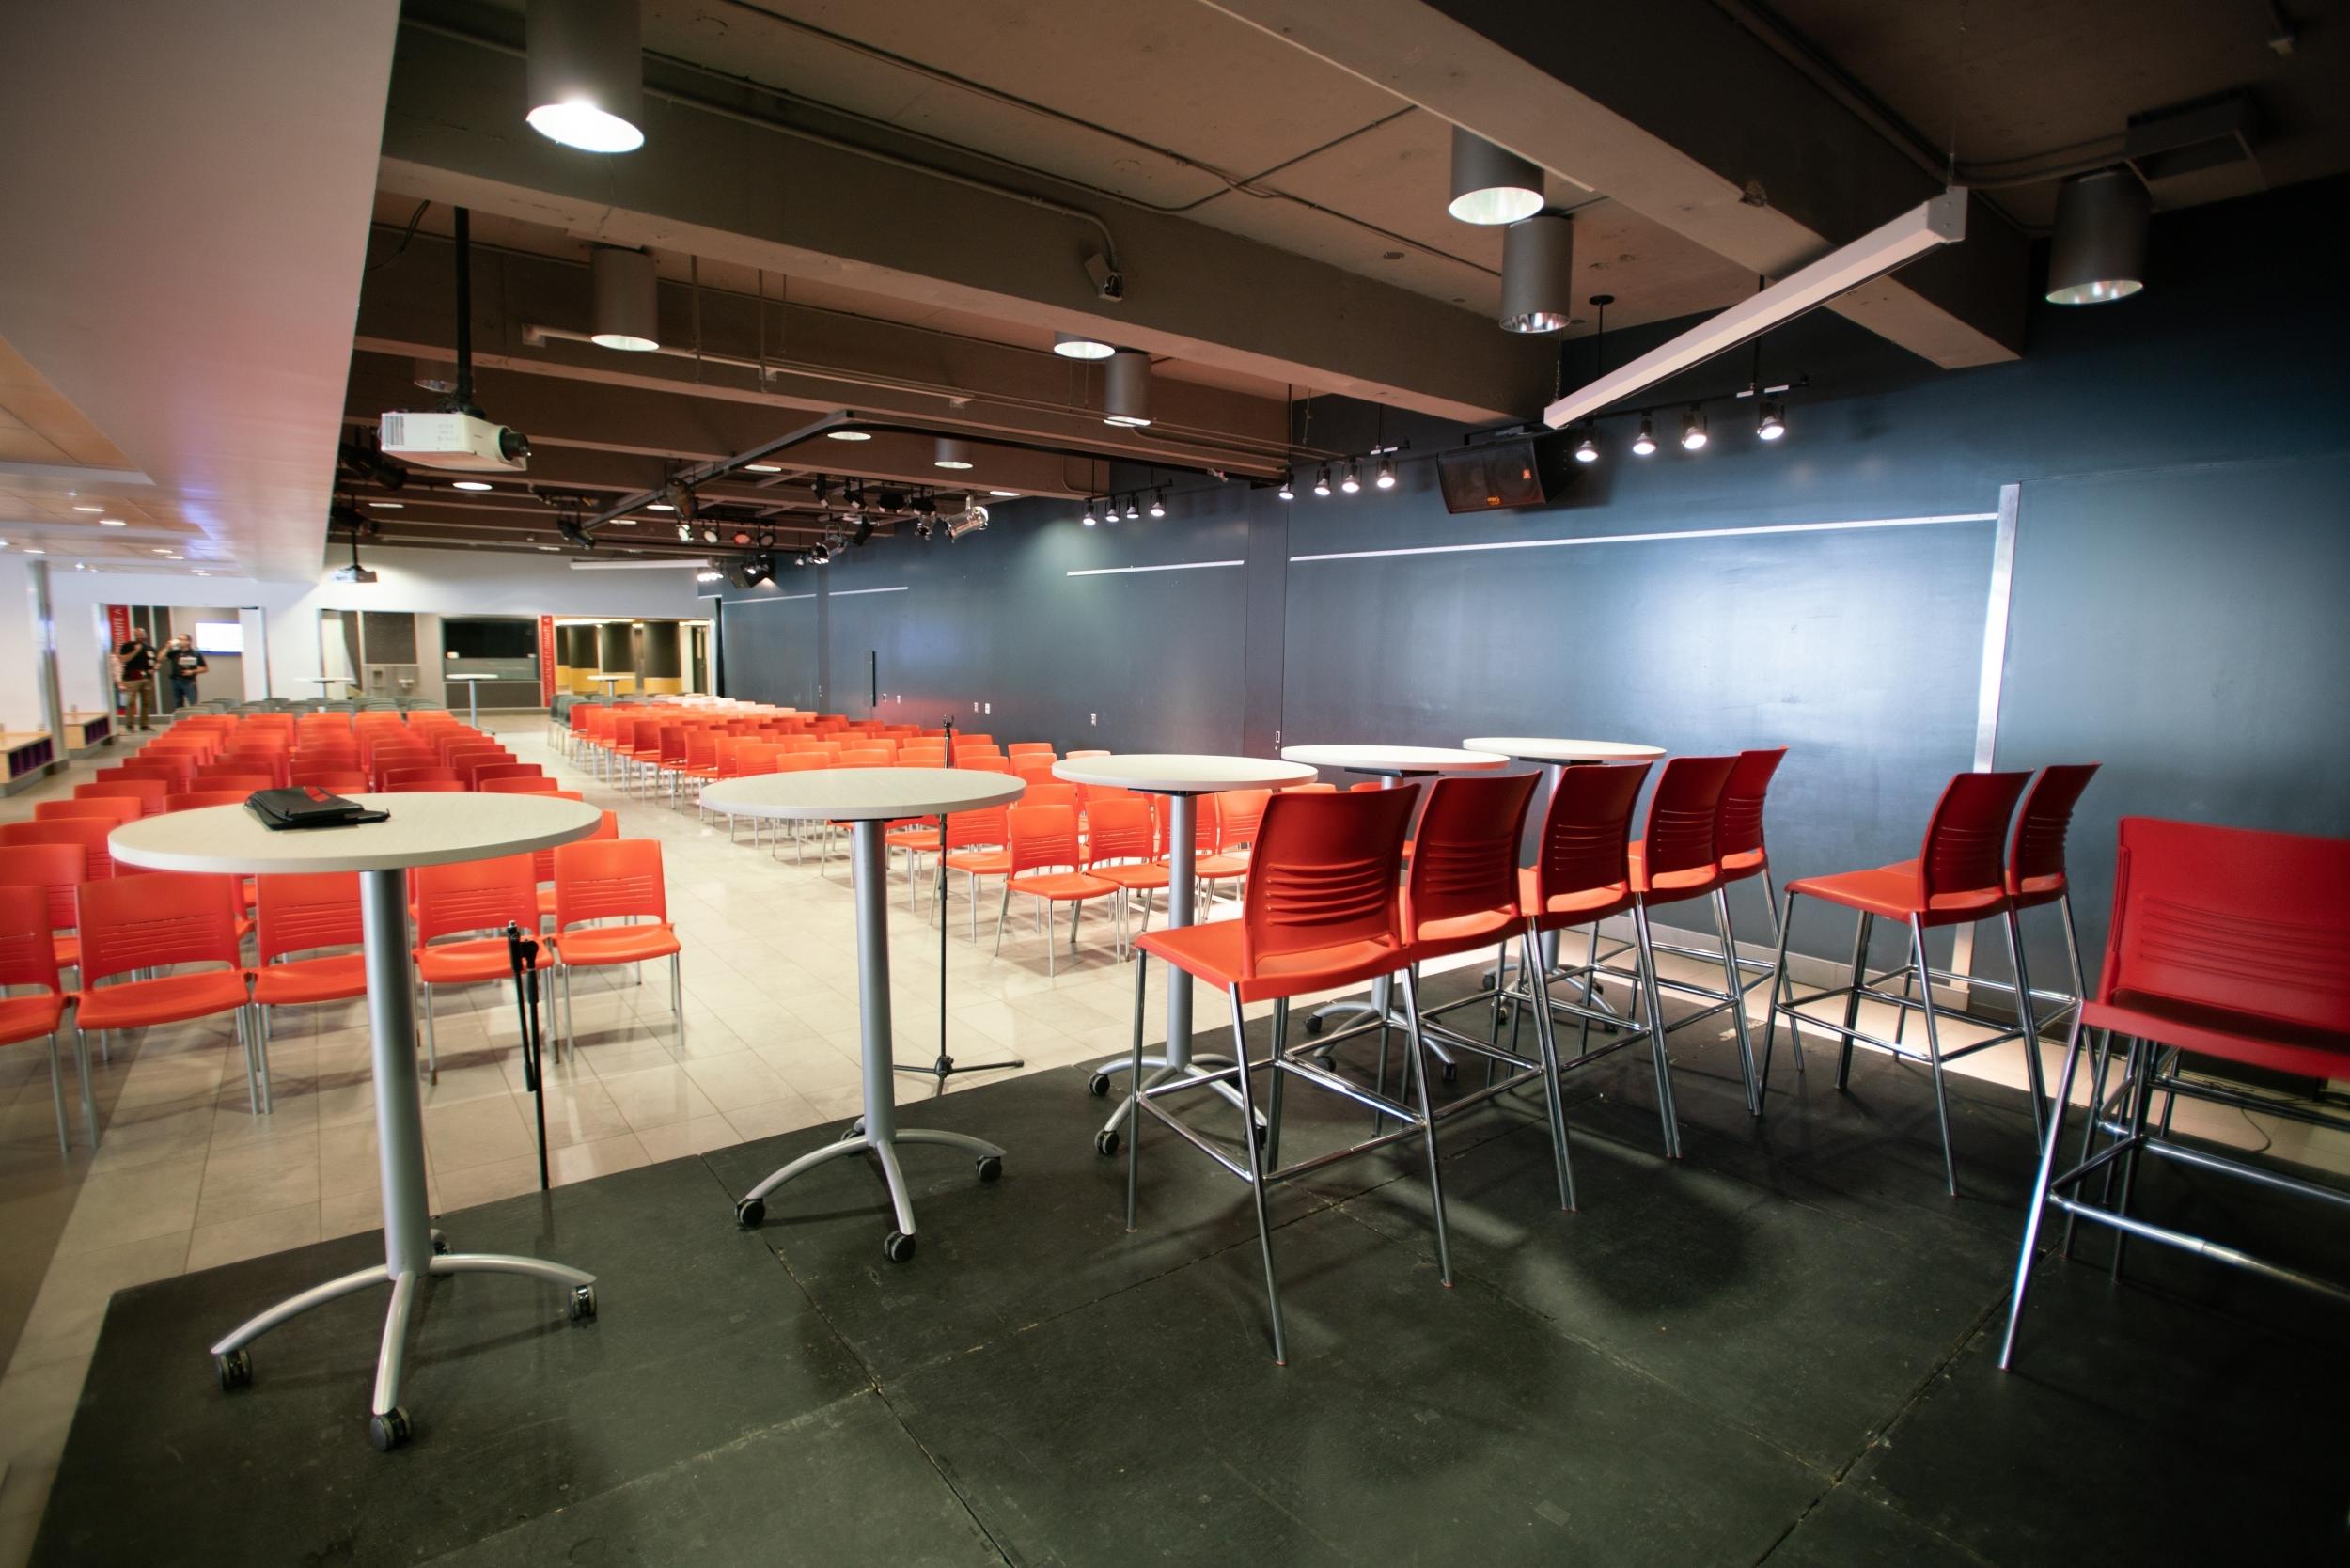 Salle des Pas perdus   Conférence